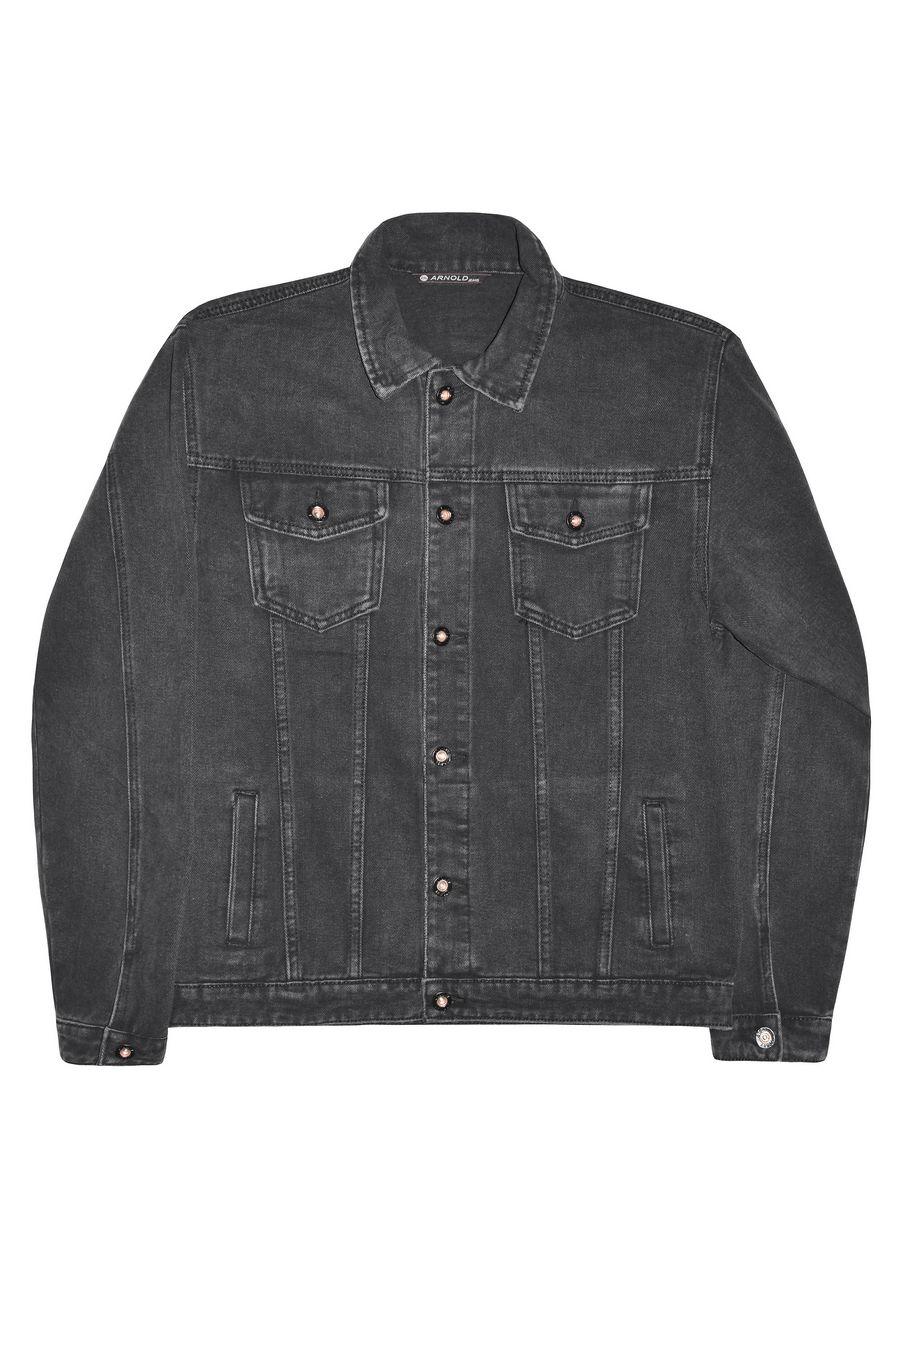 Пиджак мужской (джинсовка) Arnold 3033 - фото 1